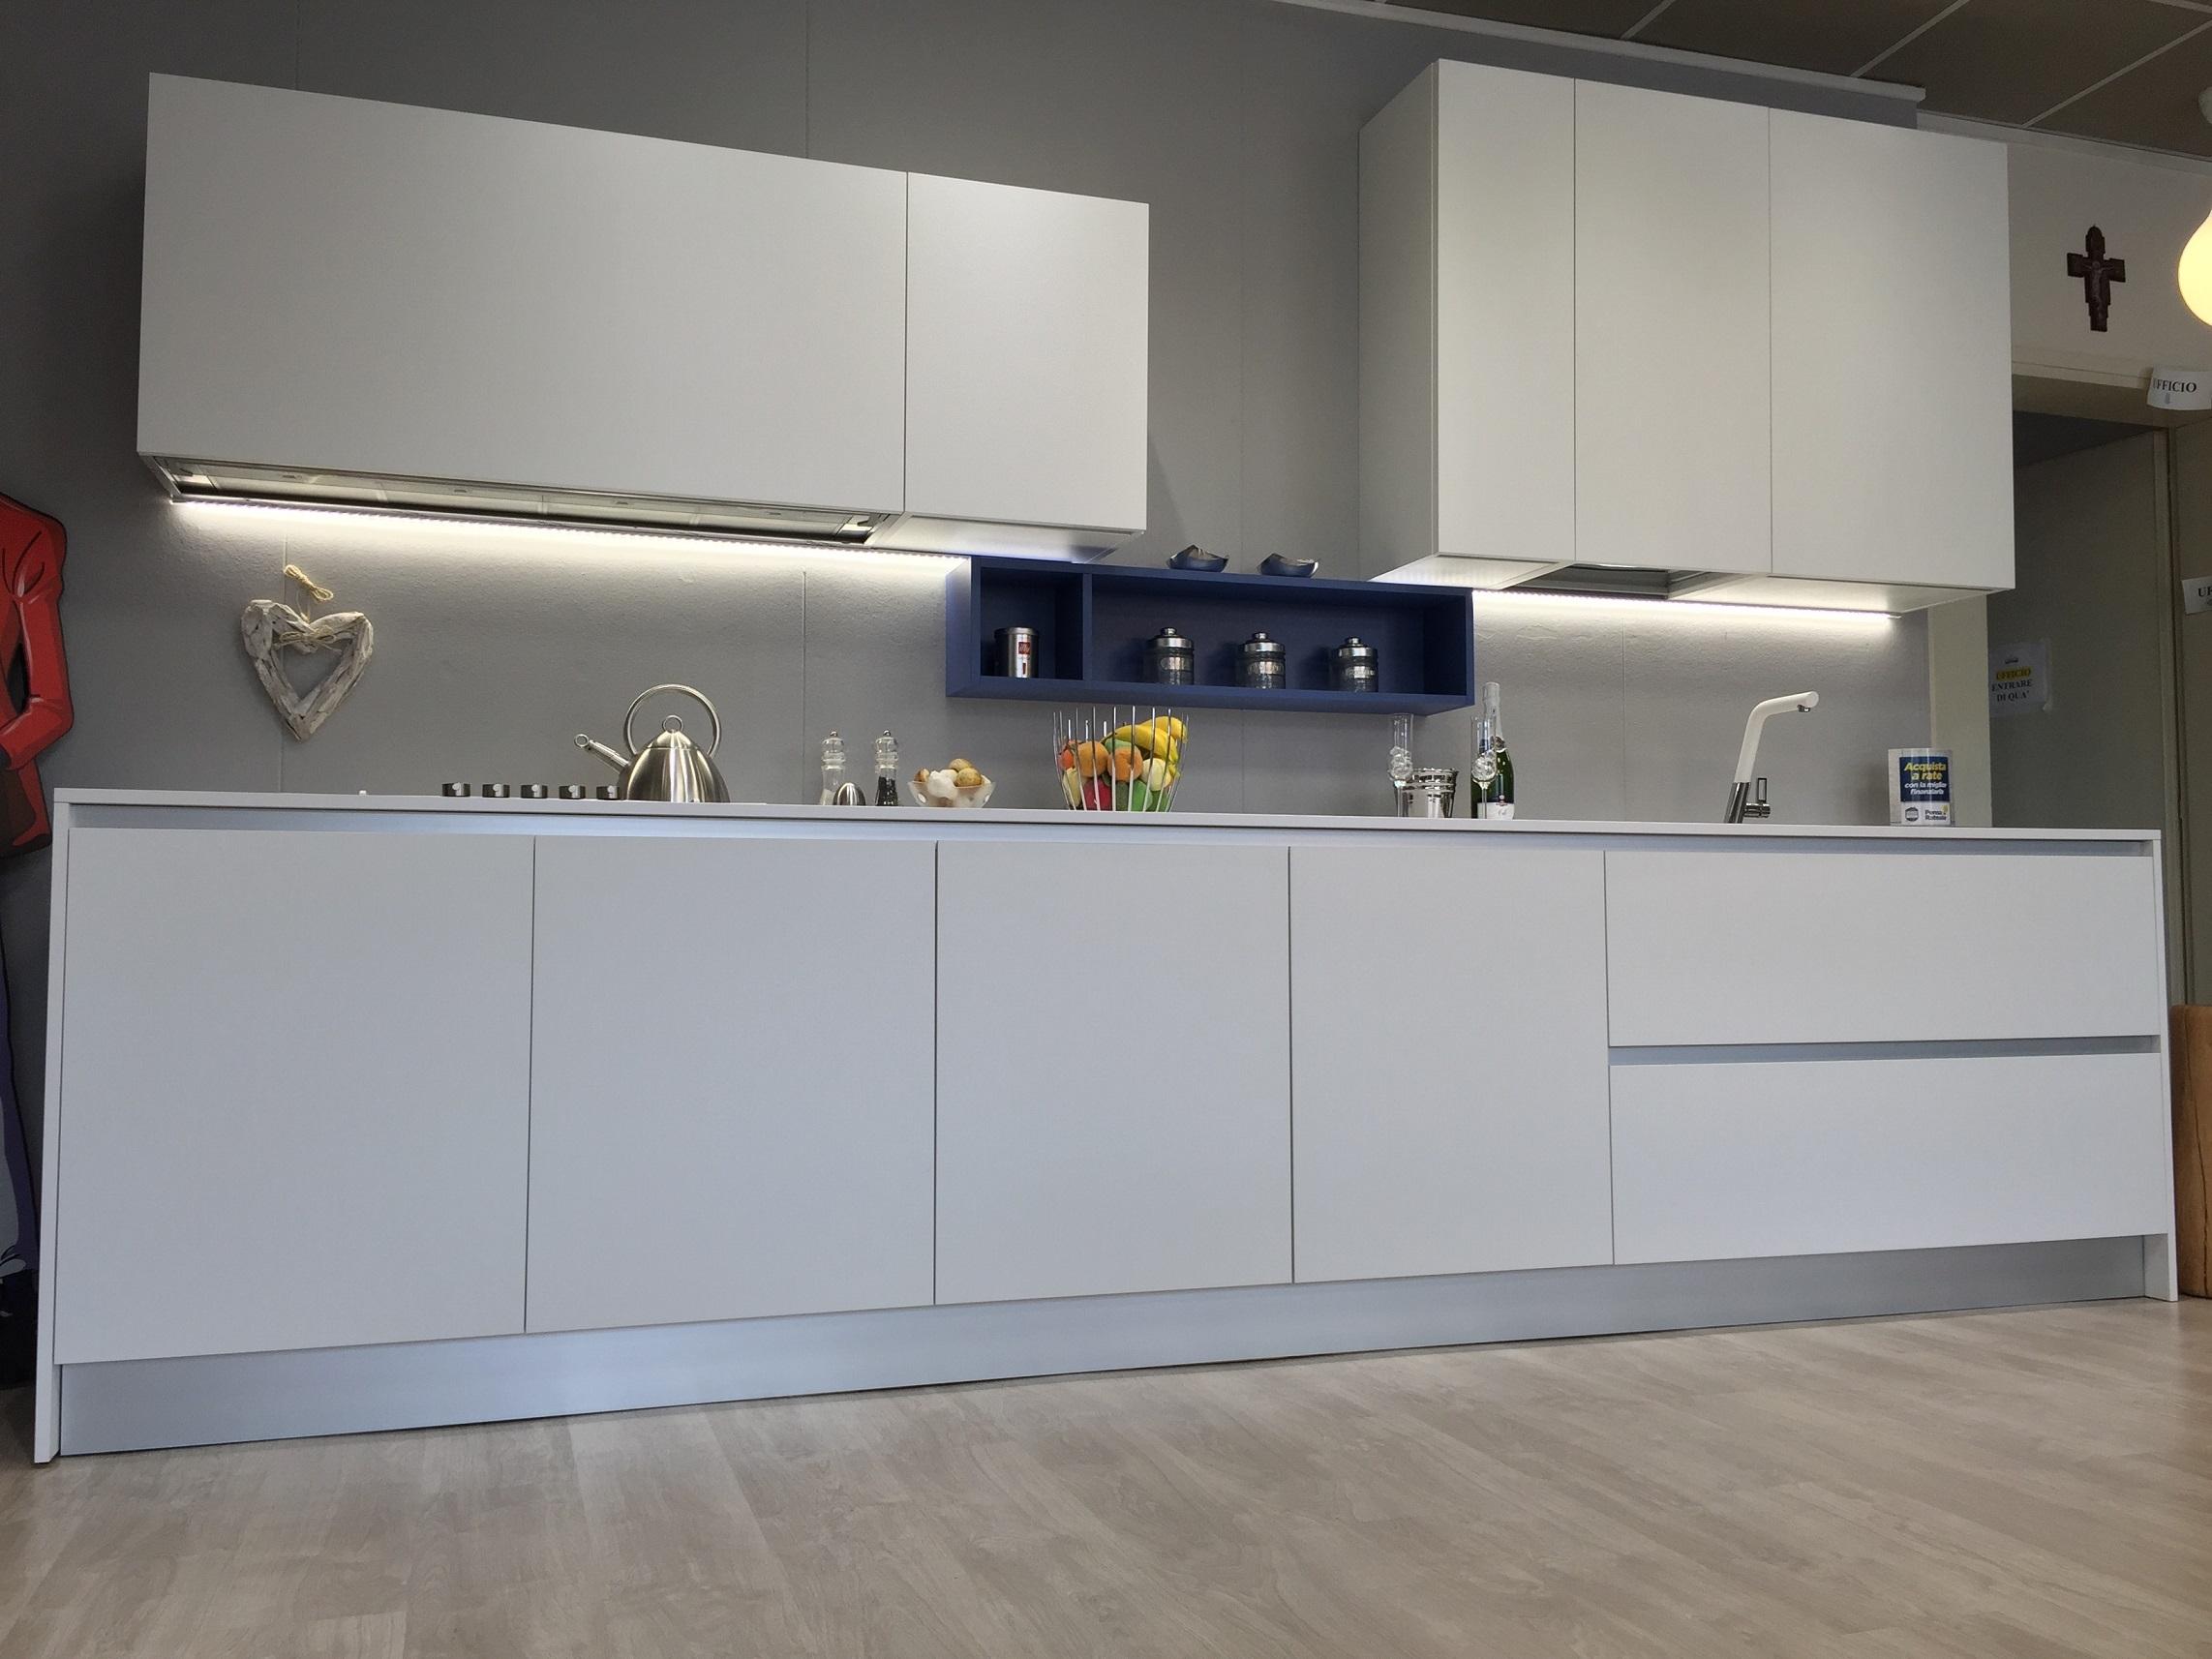 Doimo cucine moderne prezzi scontati cucine a prezzi - Cucine componibili bianche ...